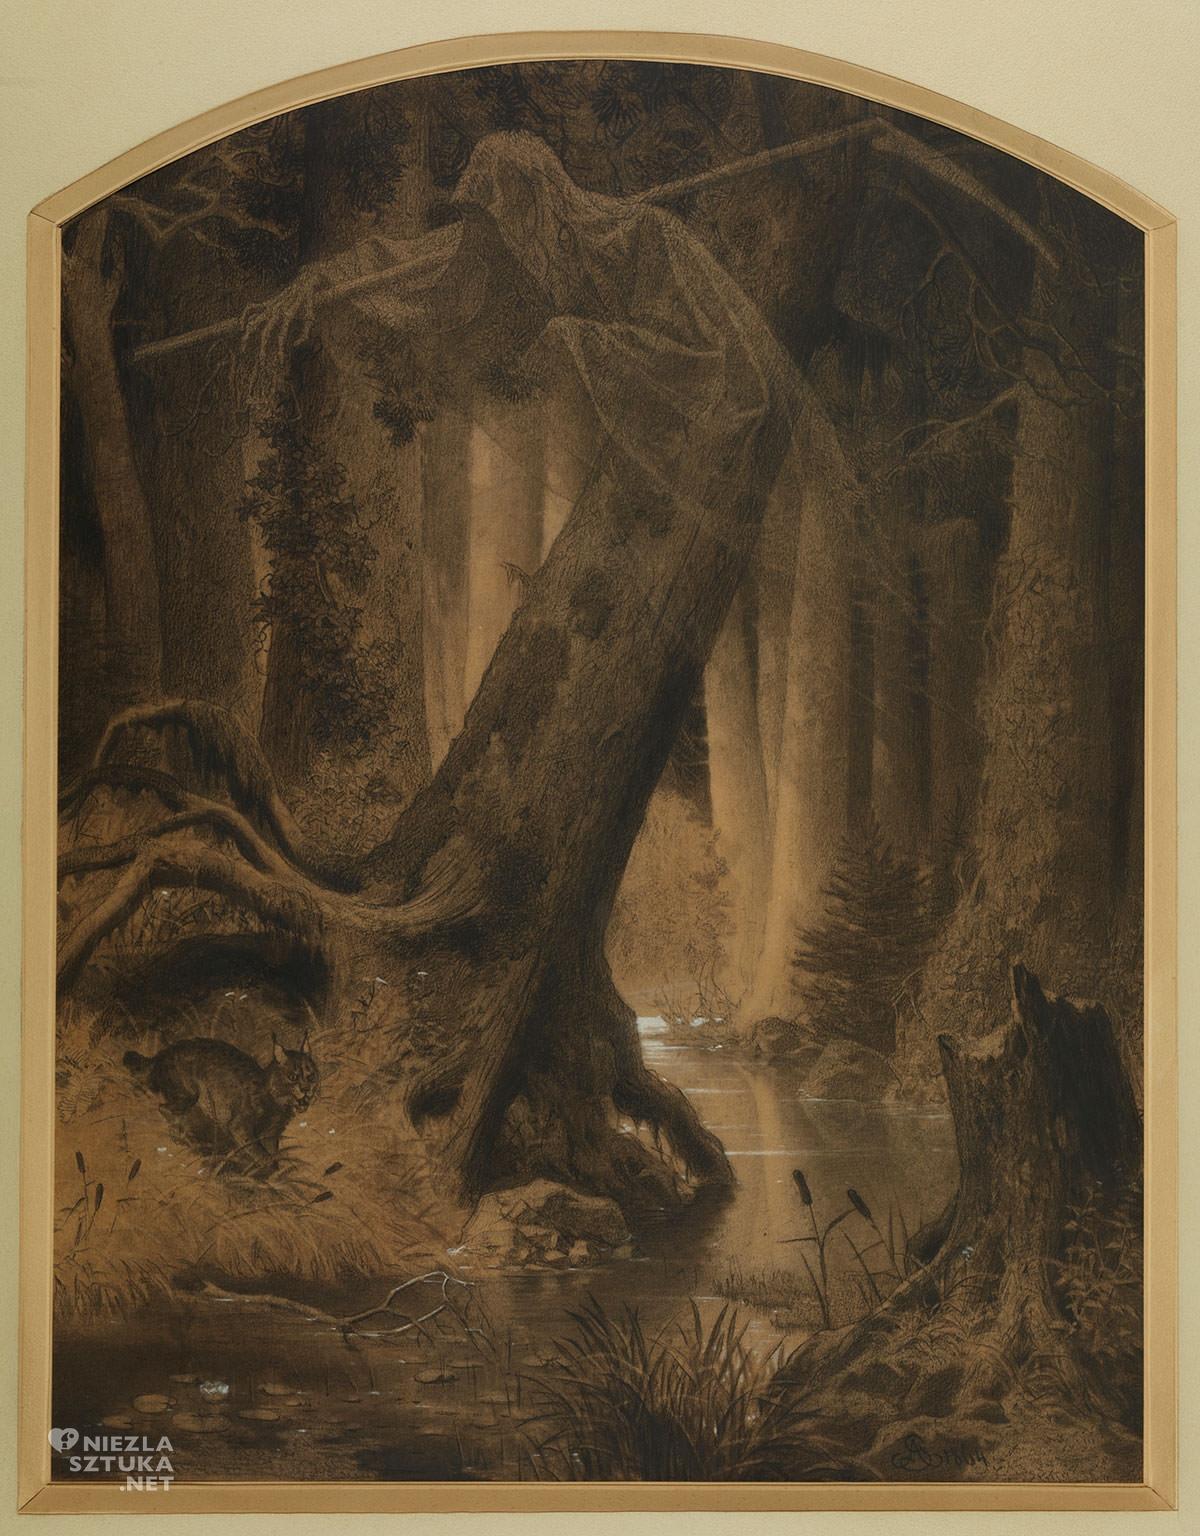 Artur Grottger, Puszcza, Lituania, sztuka polska, malarstwo polskie XIX-wieczne, Niezła Sztuka